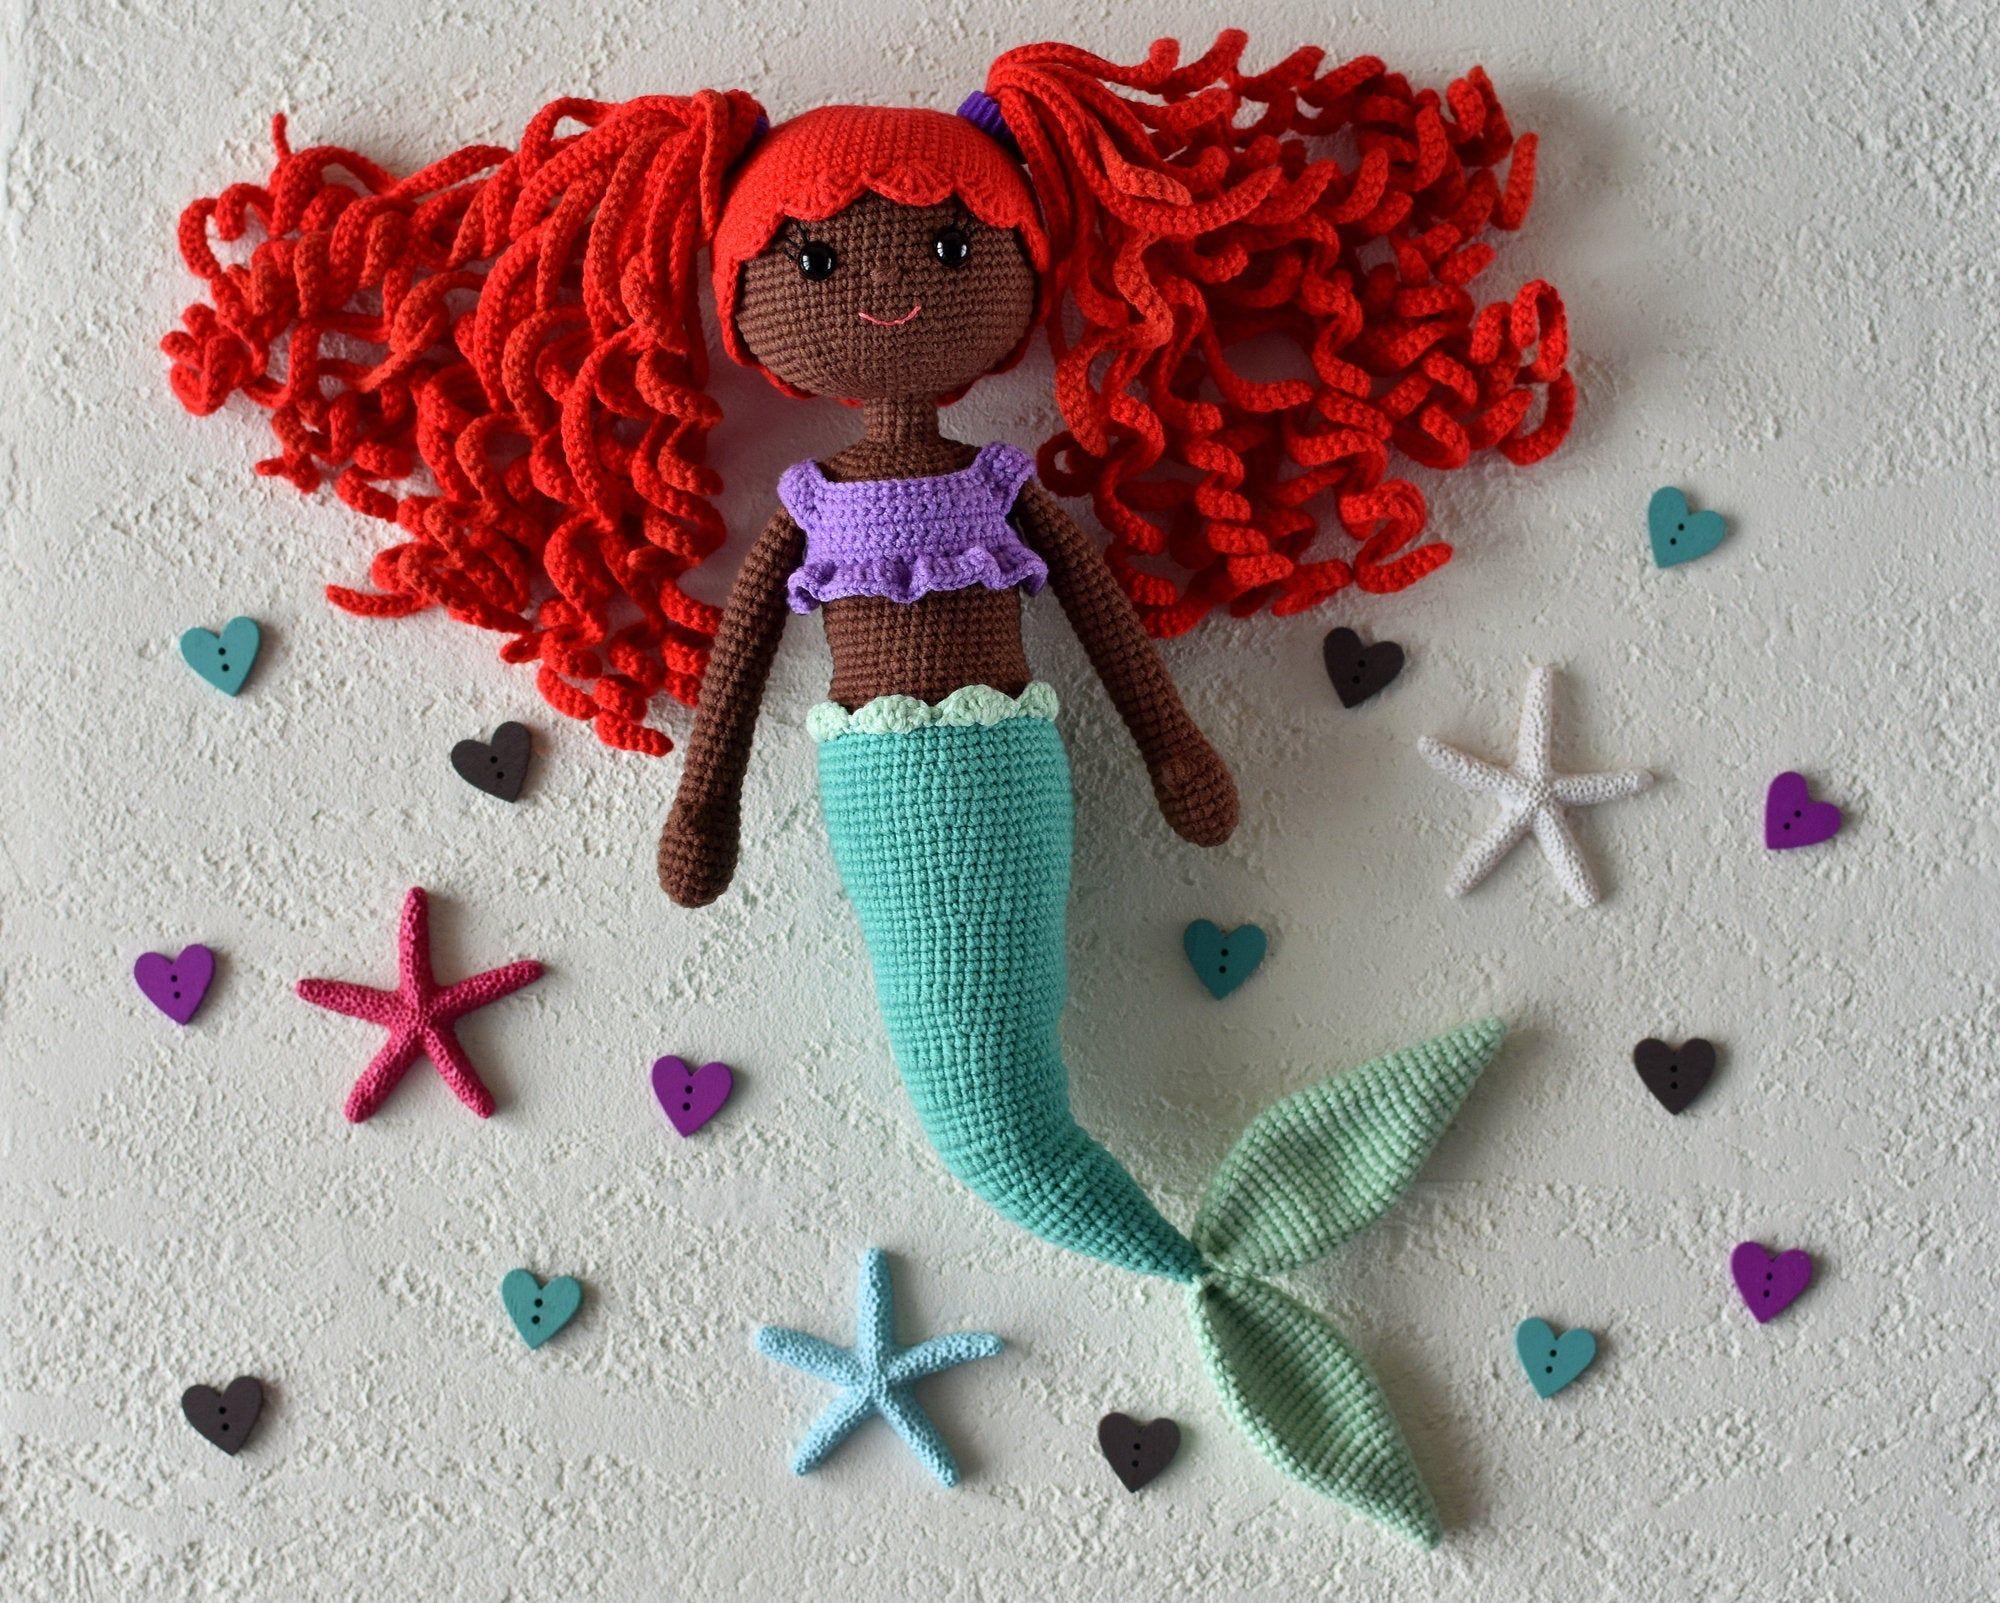 African American mermaid crochet doll toy / Mermaid